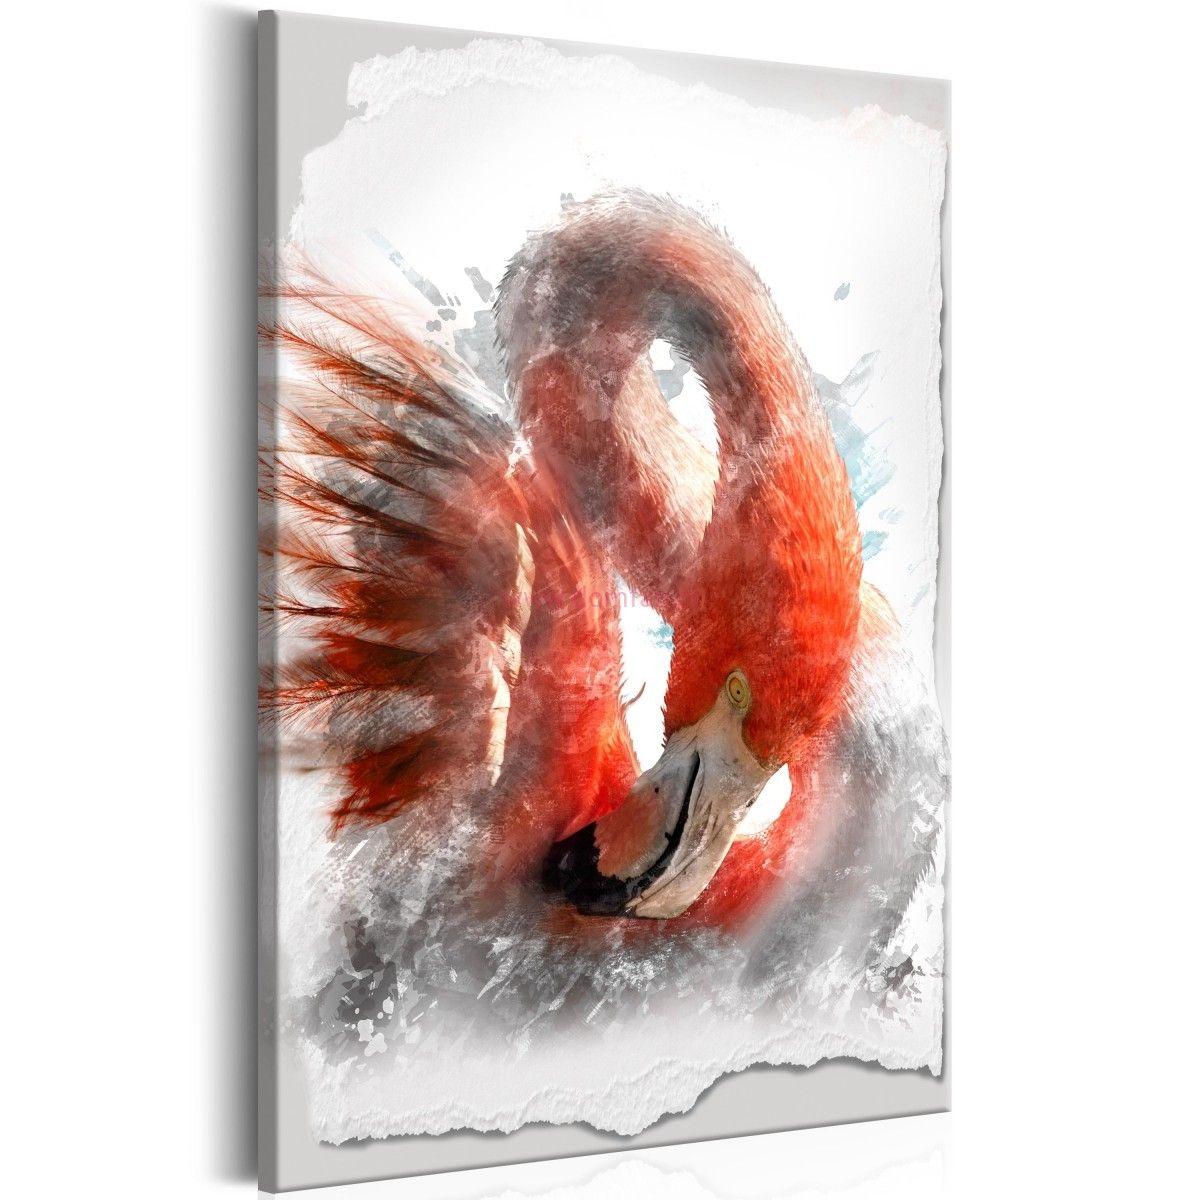 Obraz Czerwony Flaming With Images Obrazy Obrazy Na Plotnie